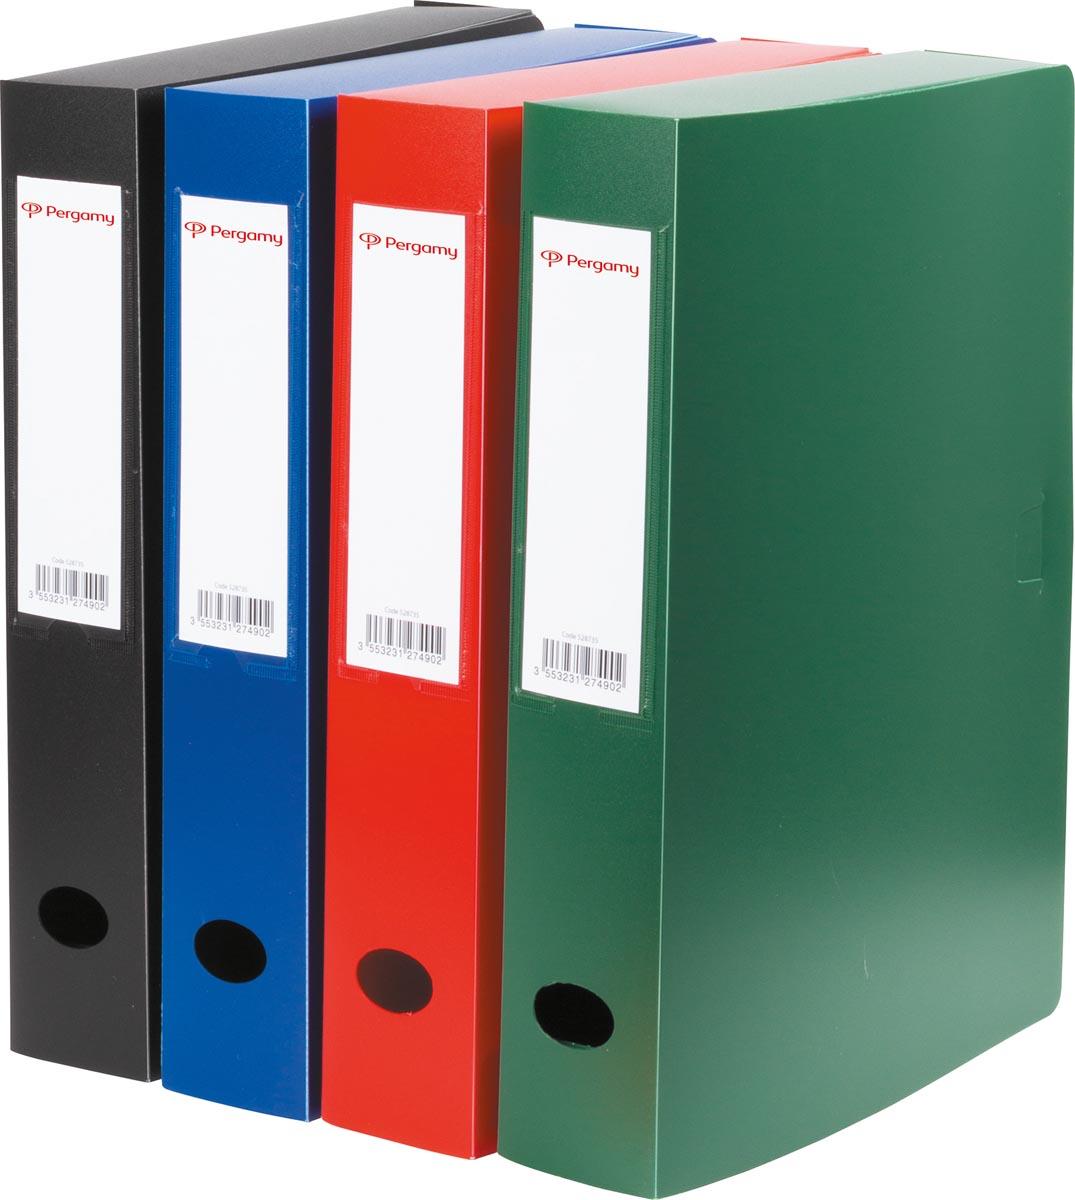 Pergamy elastobox, voor ft A4, uit PP van 700 micron, rug van 6 cm, in geassorteerde kleuren